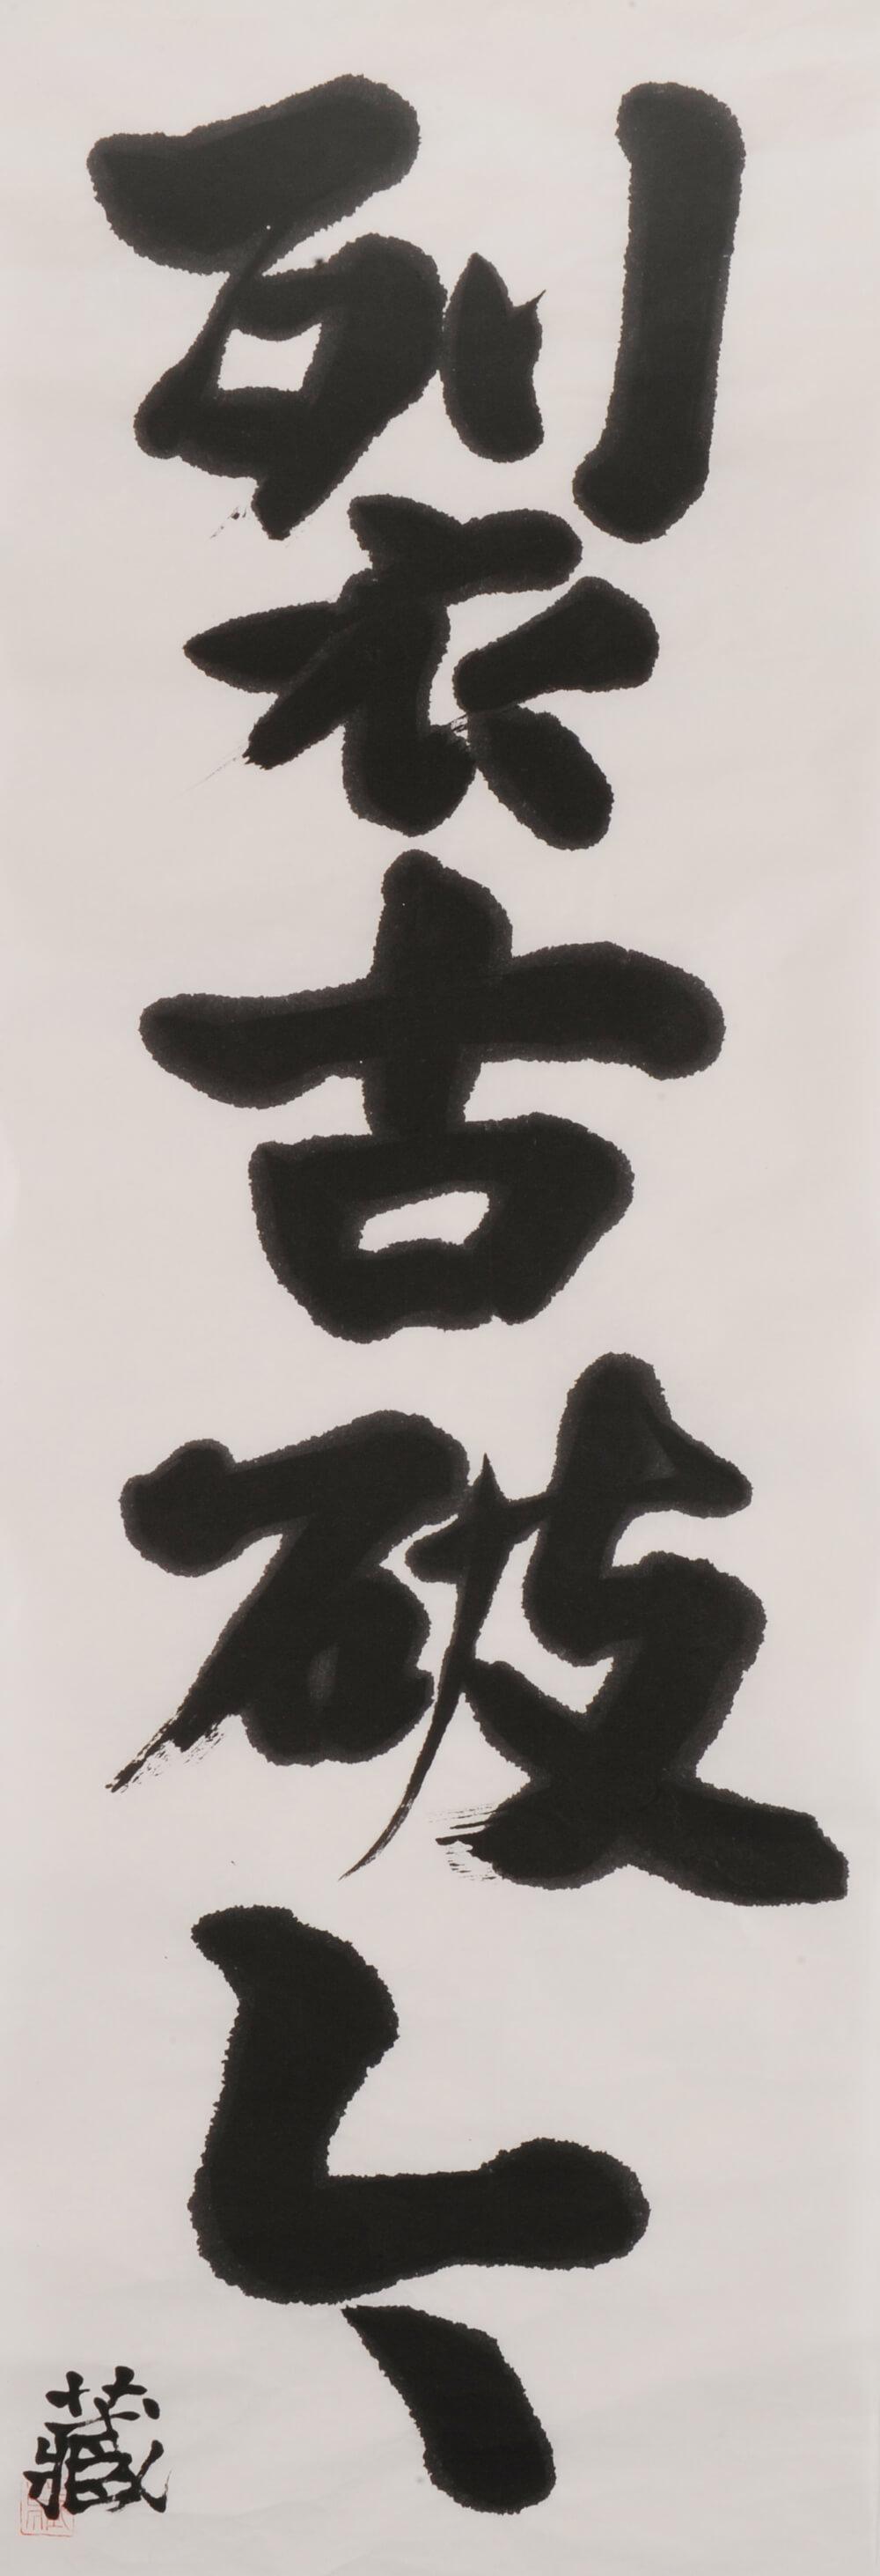 2012年11月9日から開催の「日本工芸の華 双璧 鈴木 藏・芹川 英子 展」の鈴木作品4